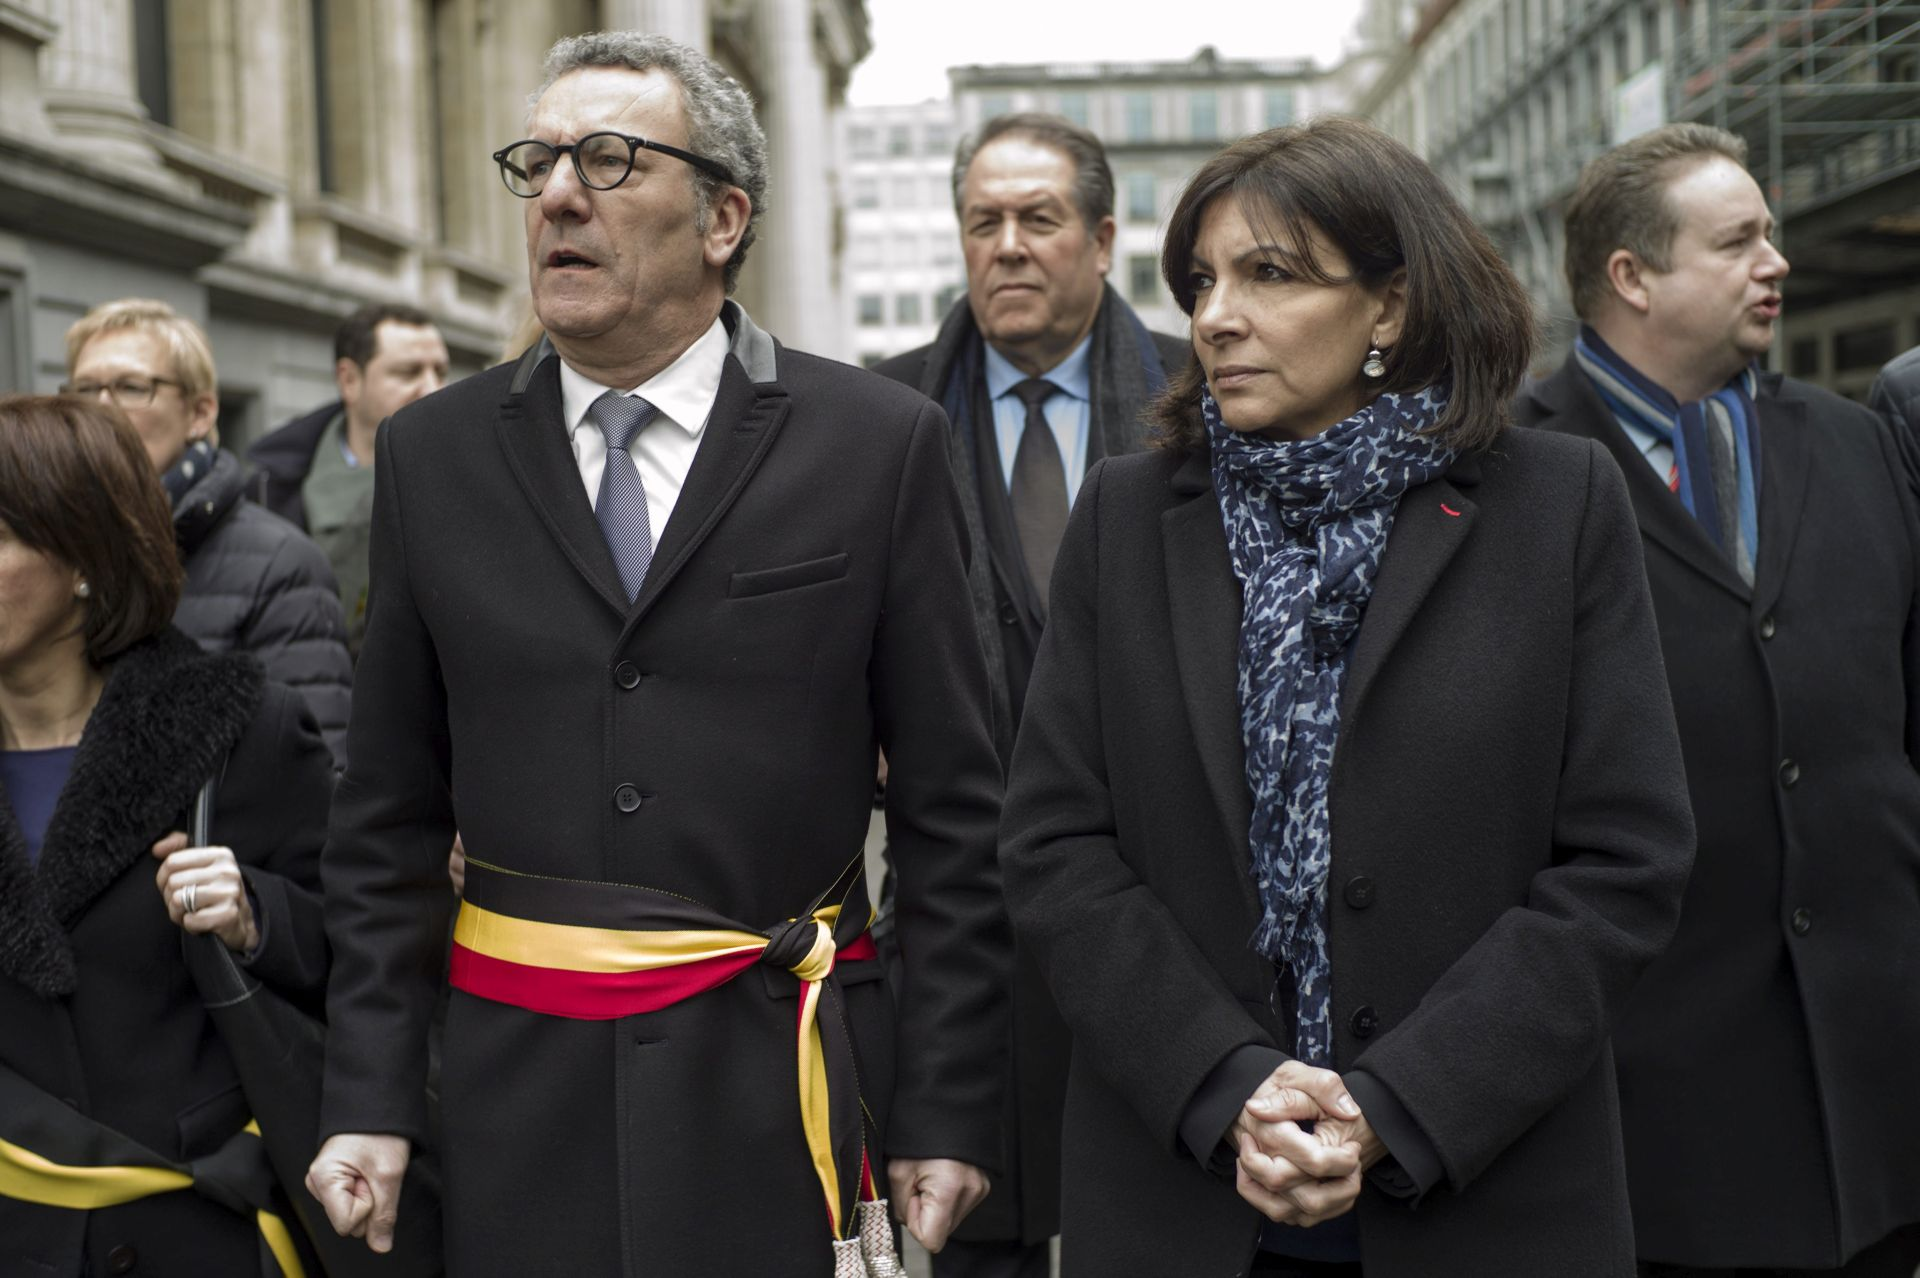 NAKON NAPADA: Gradonačelnik Bruxellesa u posjetu pariškoj kolegici Hidalgo